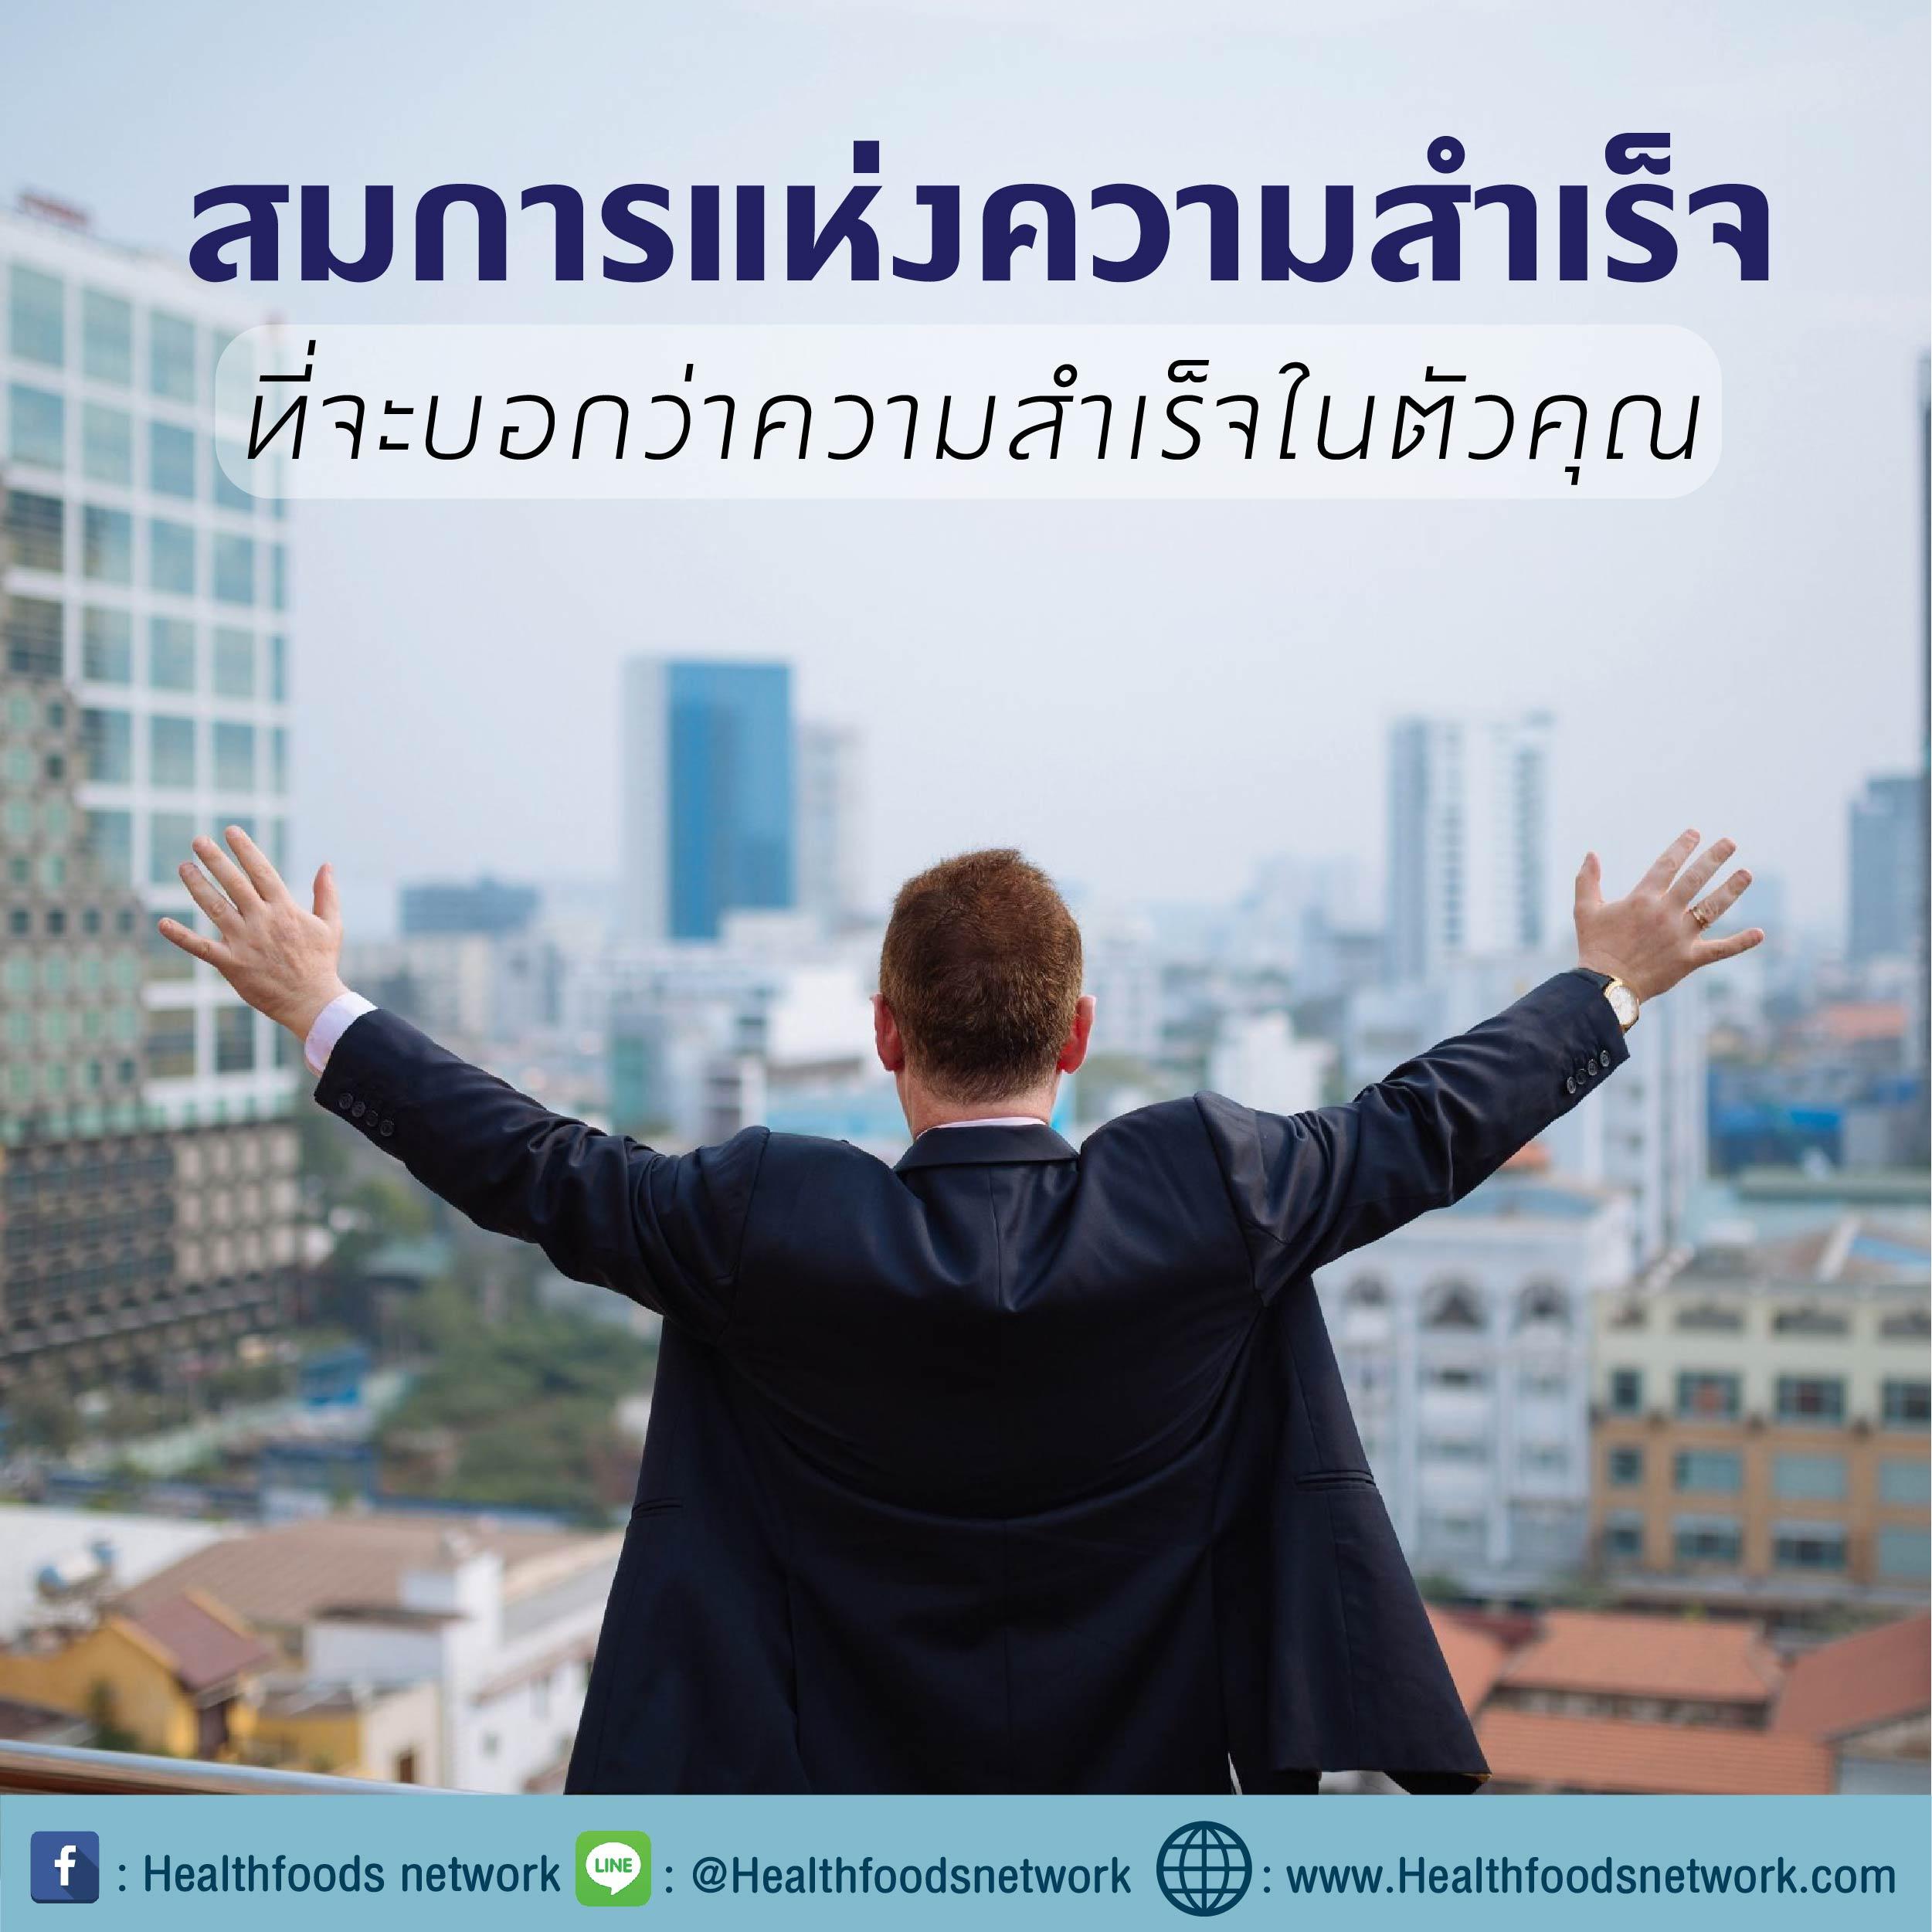 สูตรความสำเร็จ ที่จะบอกความสำเร็จในตัวคุณ